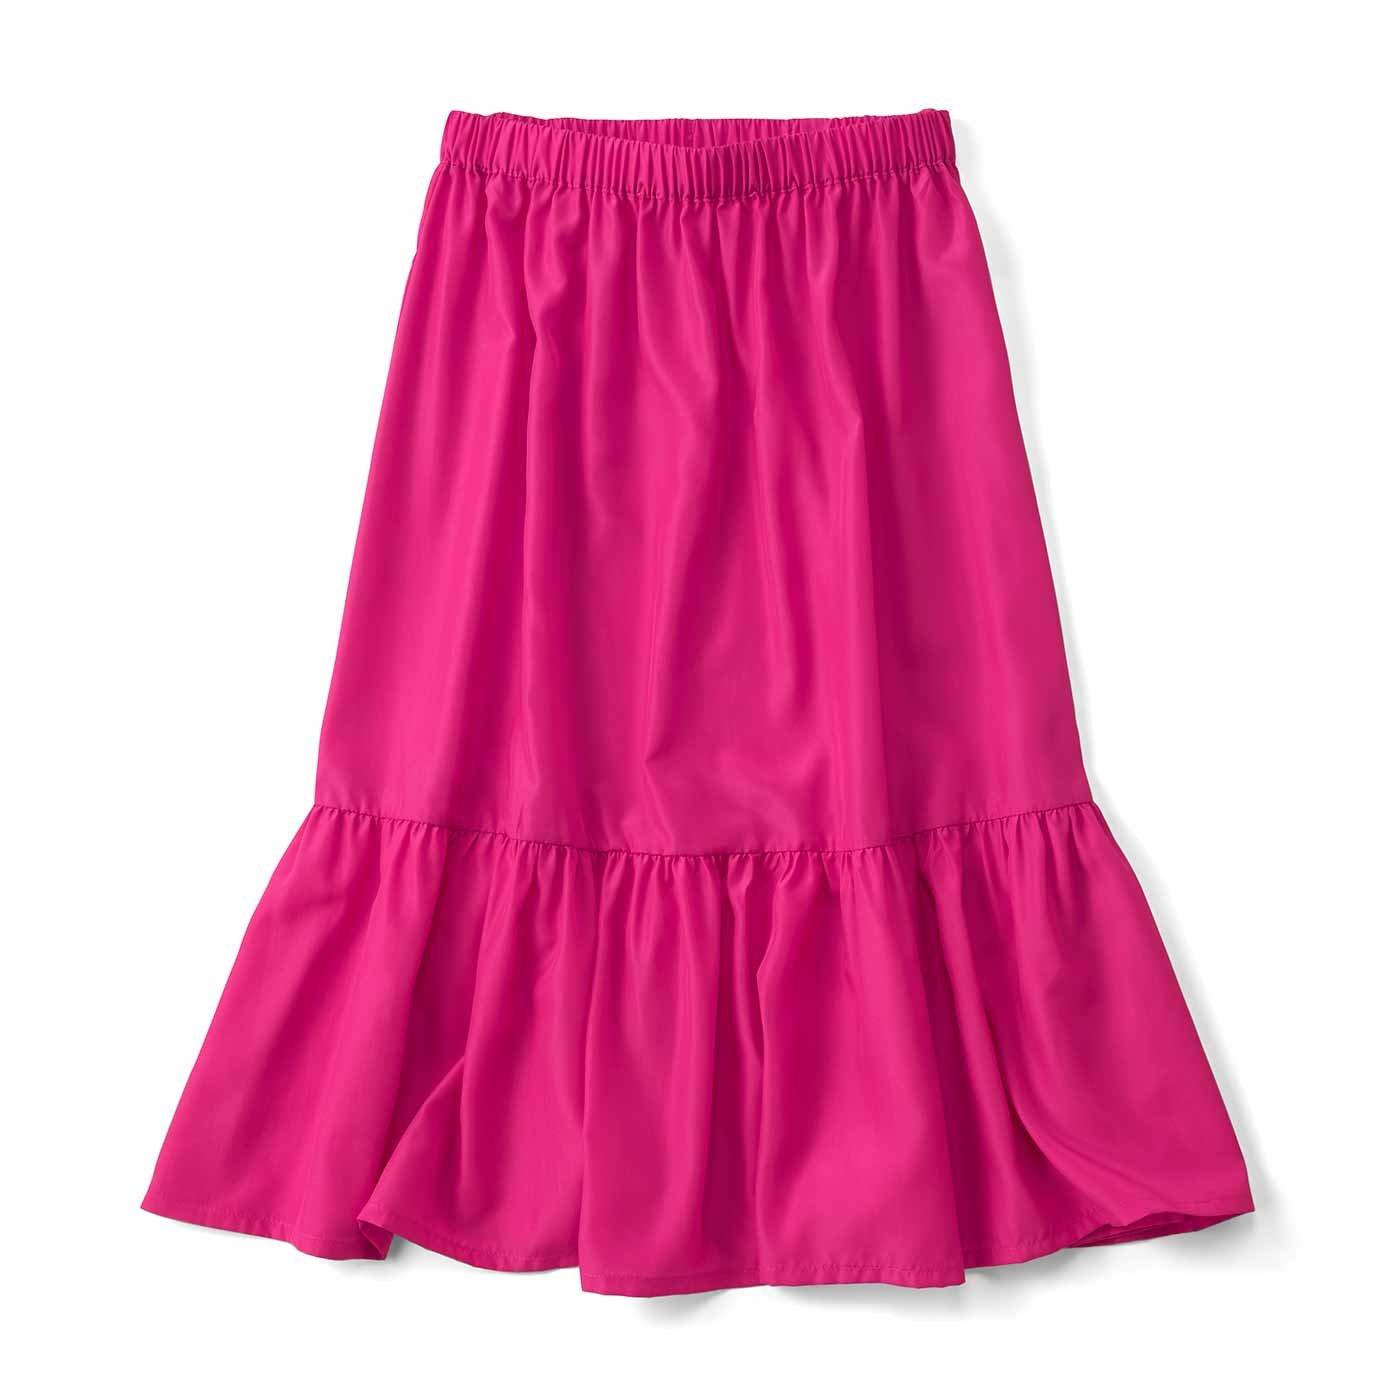 メインでも重ね着でも! ペチスカート〈ピンク〉